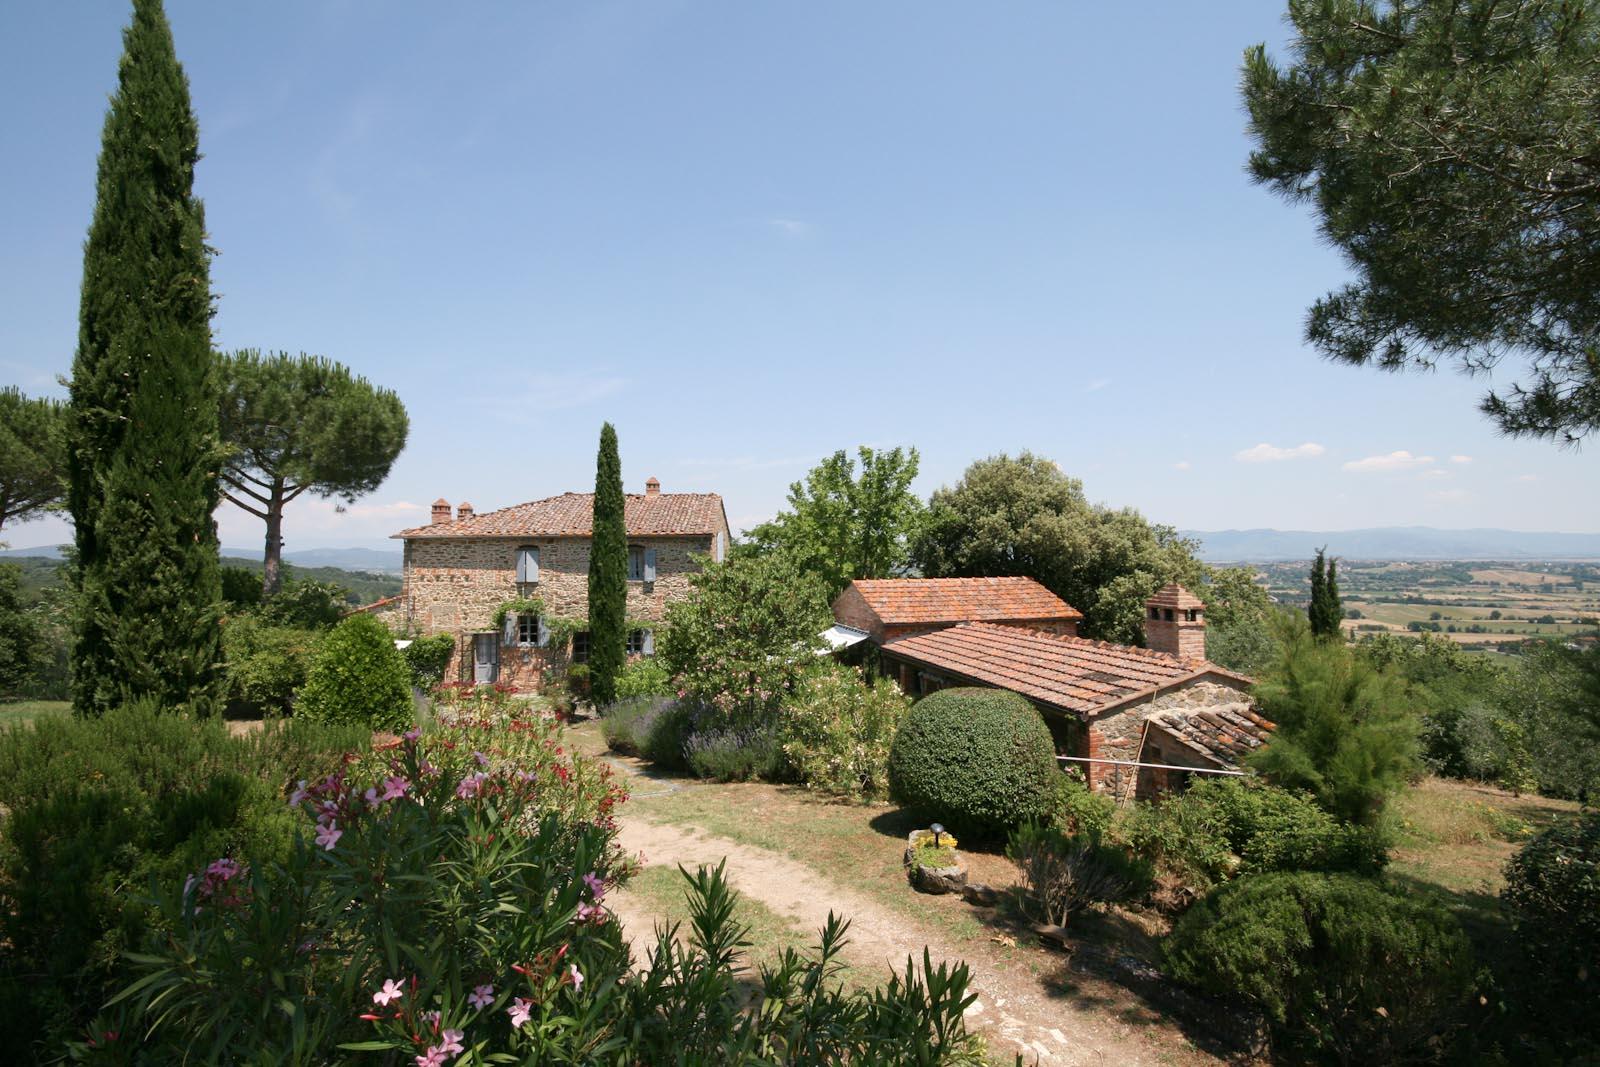 La storica casa in pietra con oliveto in vendita in posizione panoramica fra Arezzo e Siena